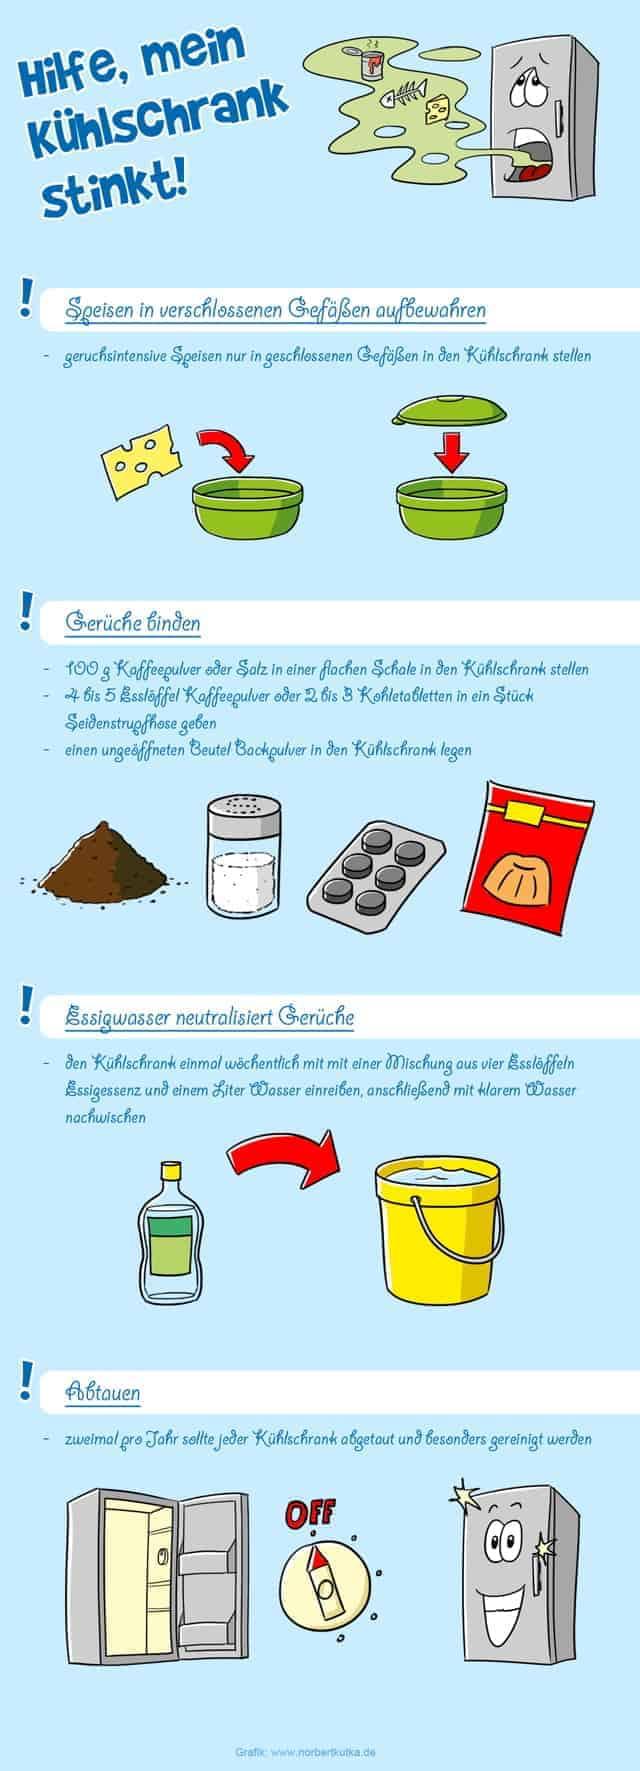 Unangenehme Gerüche im Kühlschrank: Was hilft?